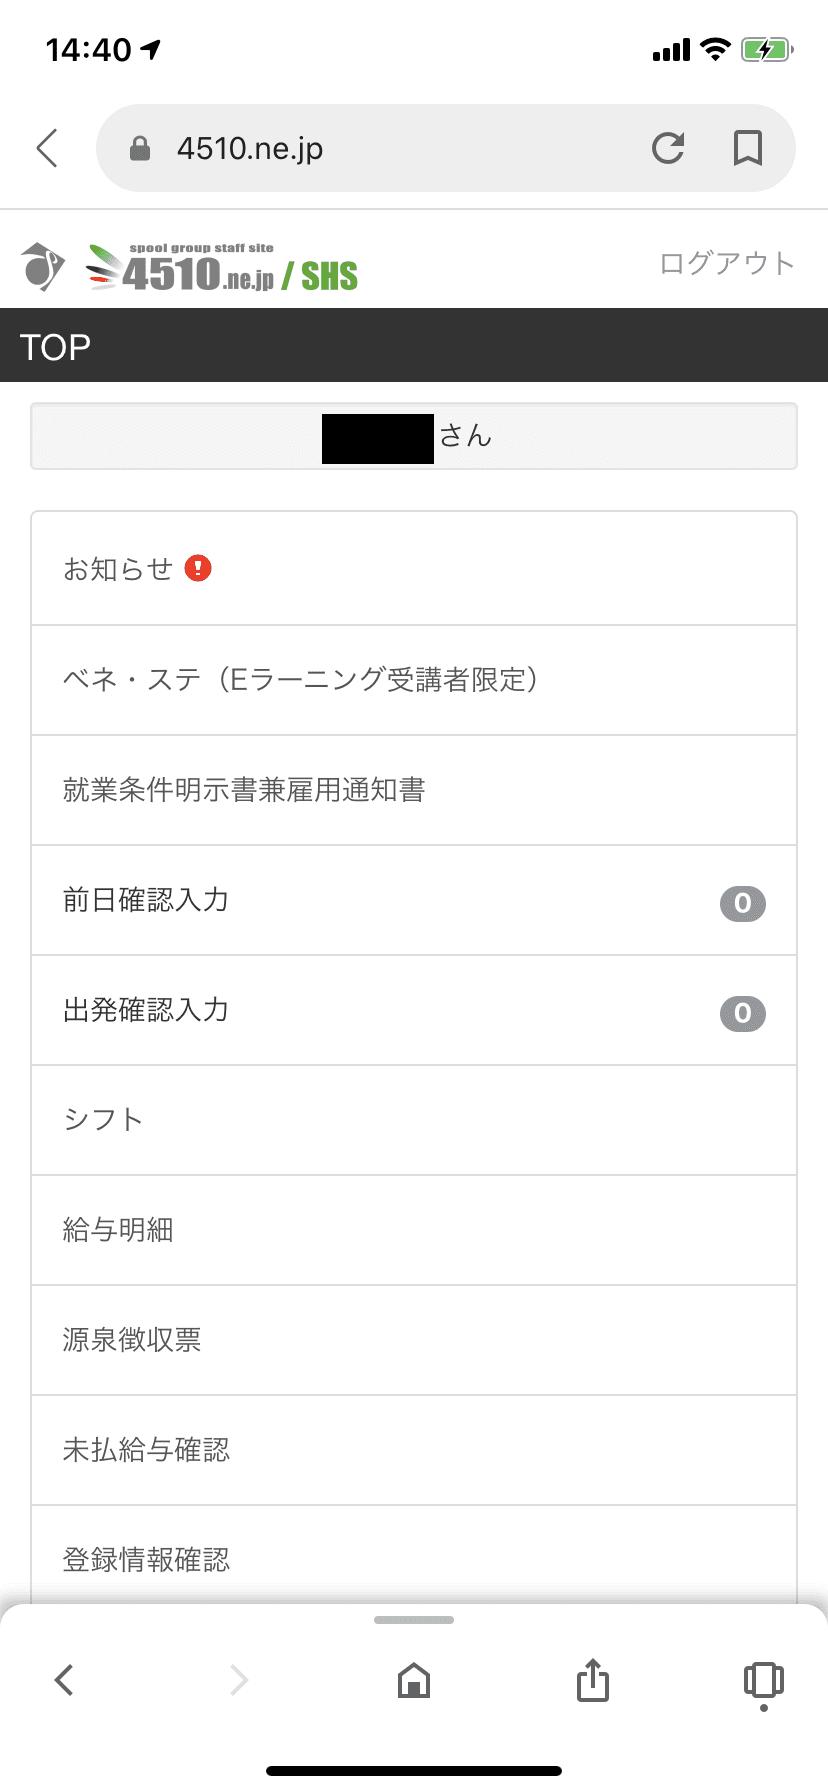 エスプールヒューマンソリューションズ 九州支店